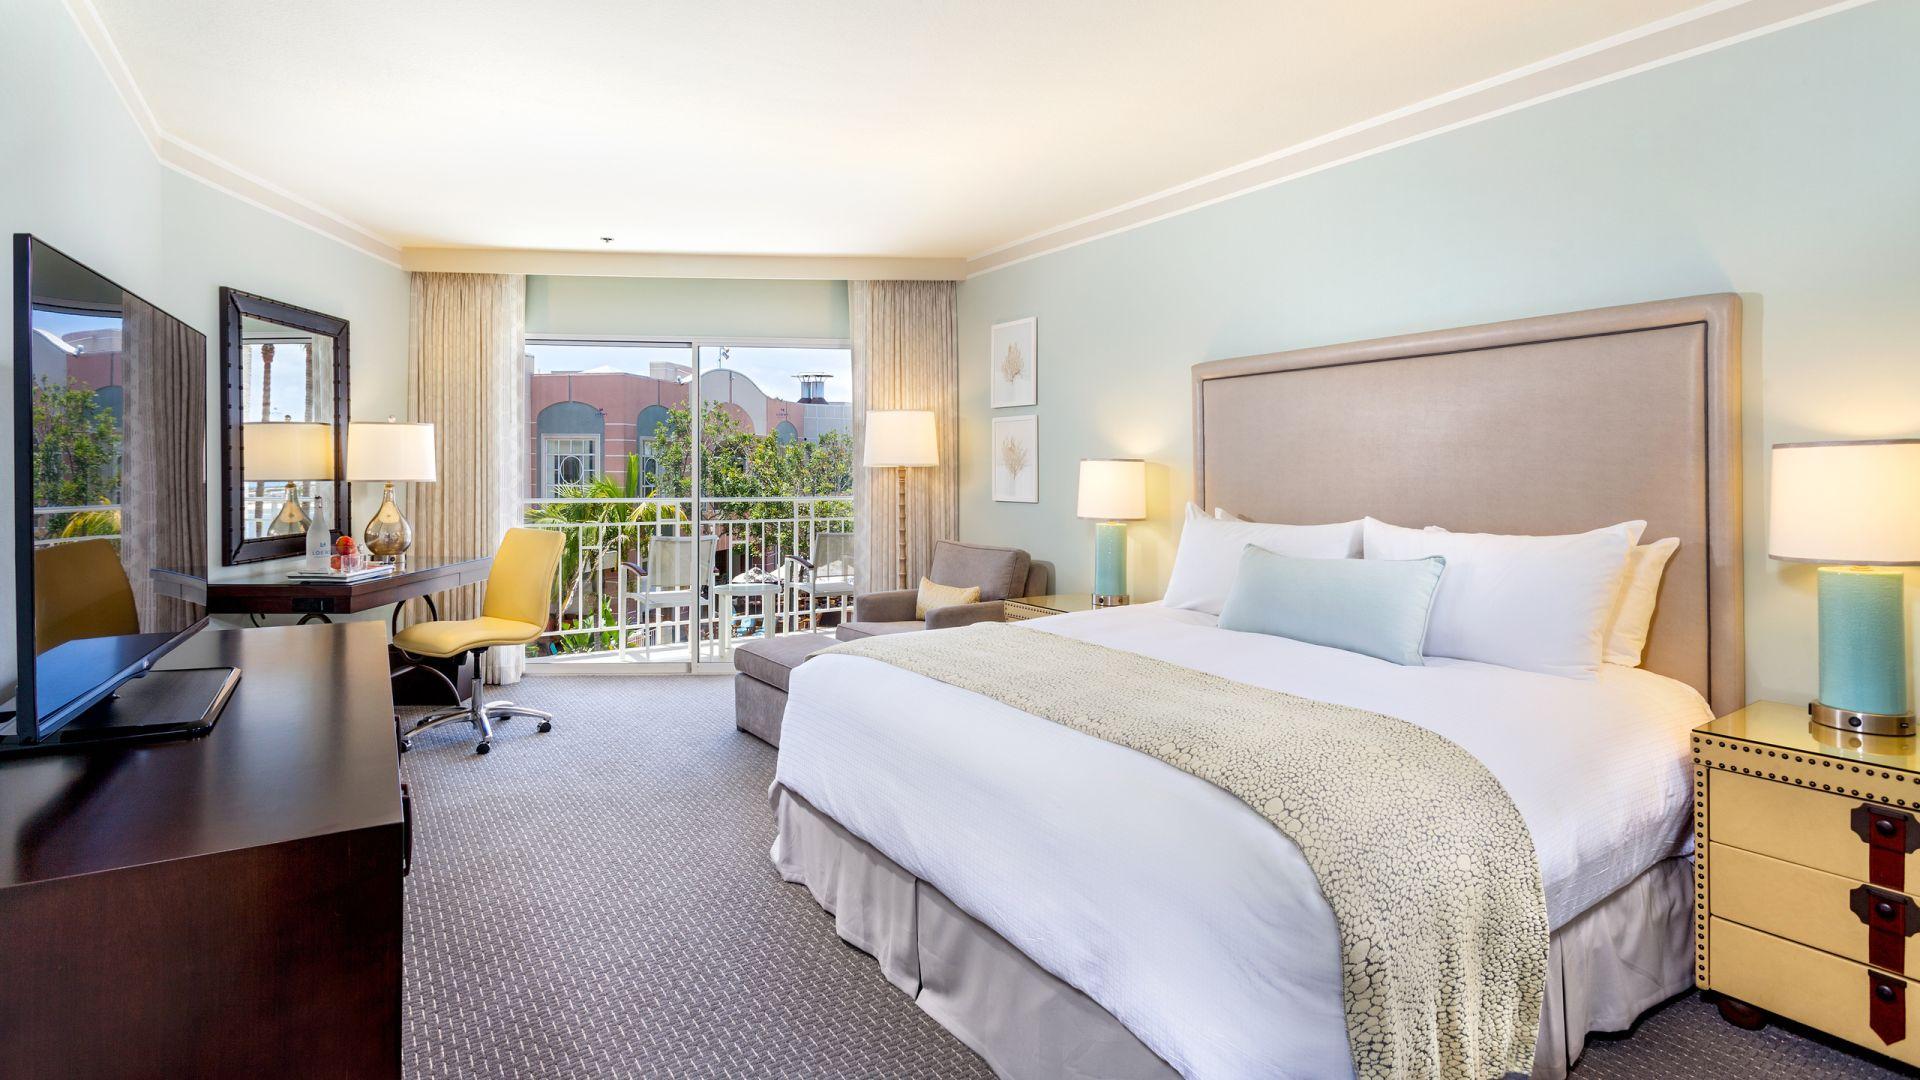 Habitación de huéspedes King con vista al resort | Loews Coronado Bay Resort